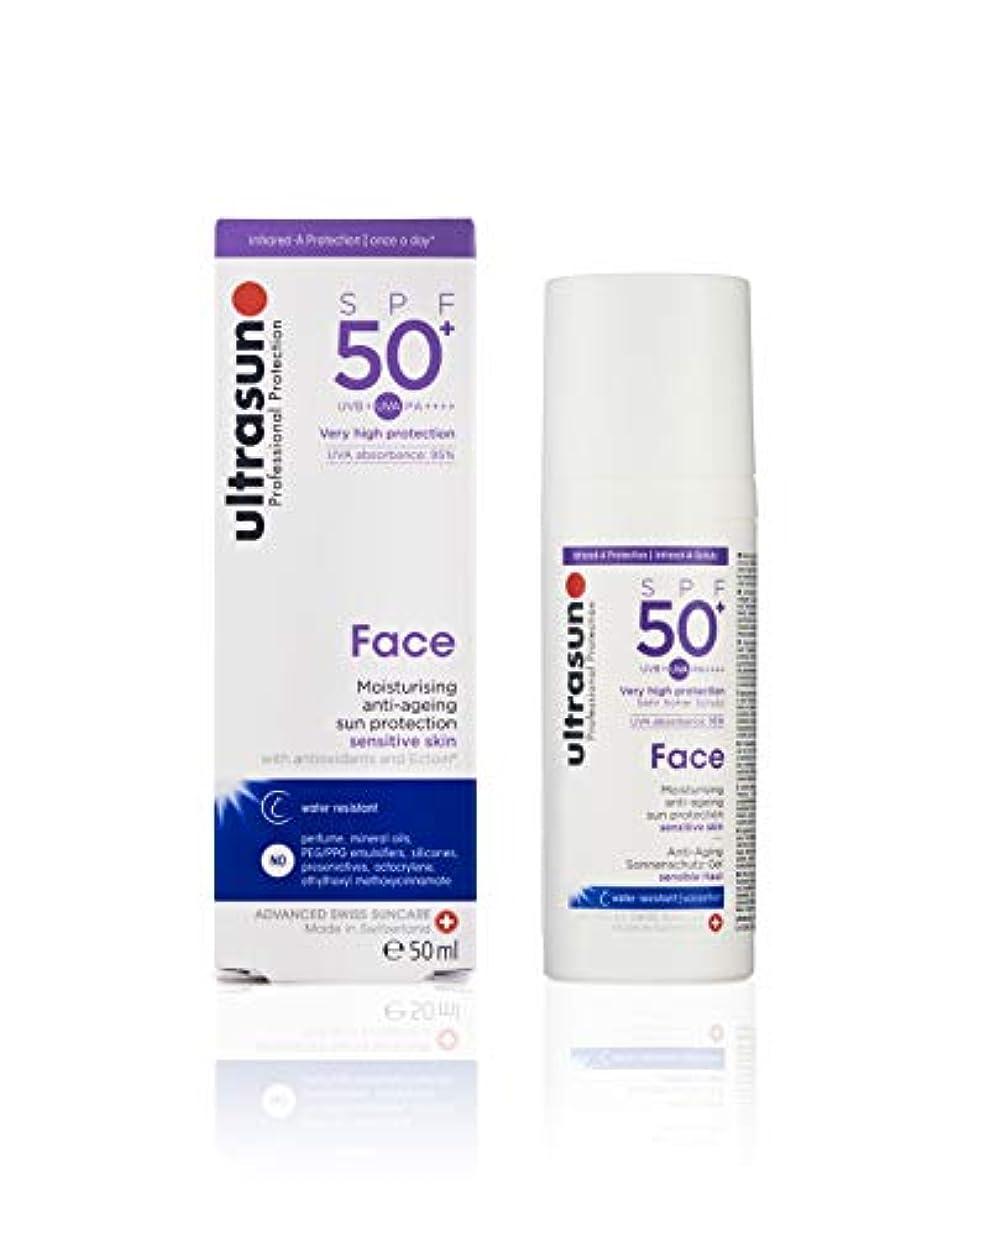 密パイプラインこんにちはアルトラサン 日やけ止めクリーム フェイス UV 敏感肌用 SPF50+ PA++++ トリプルプロテクション 50mL